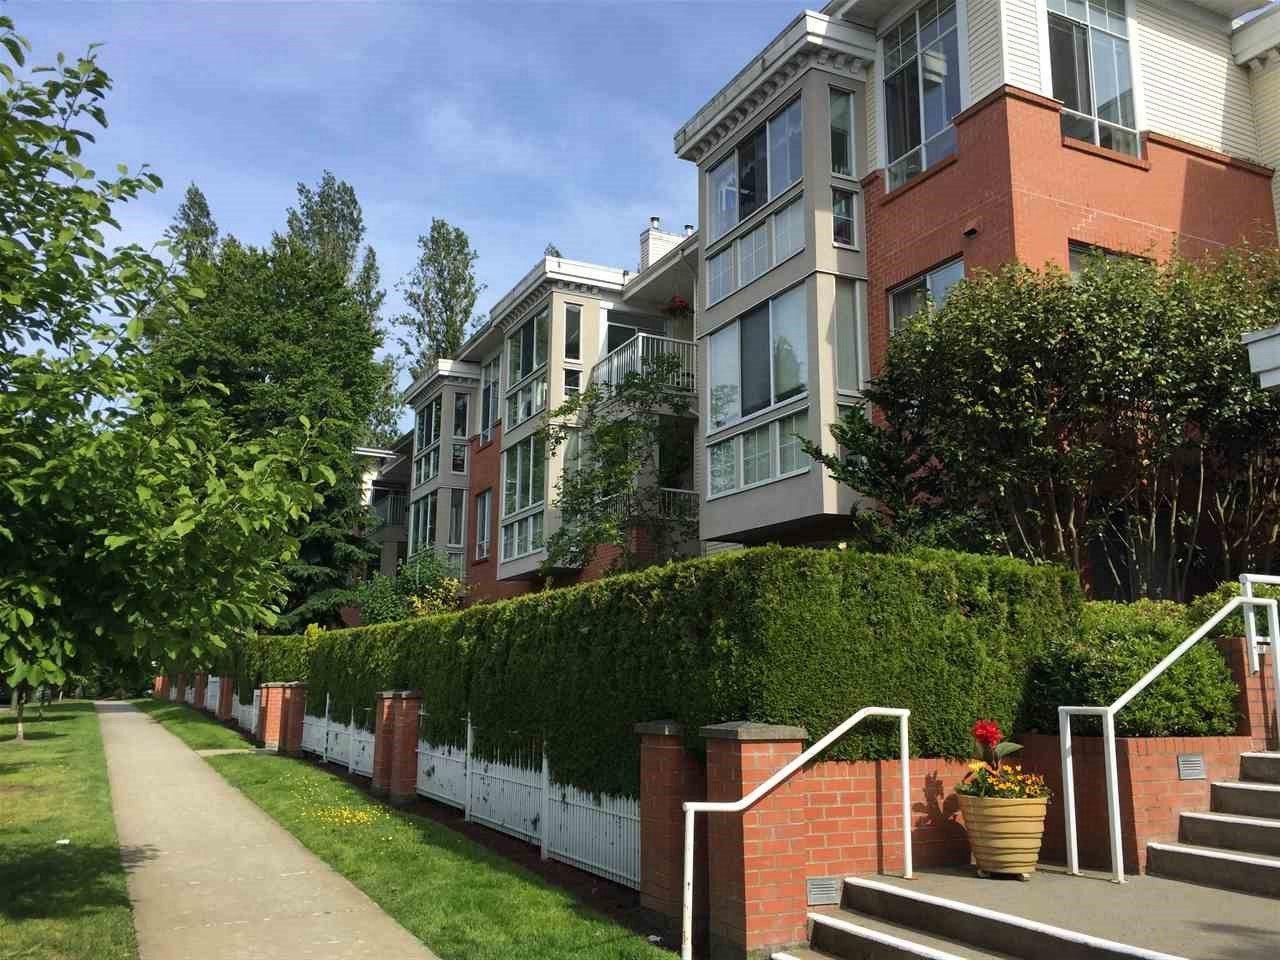 """Main Photo: 403 360 E 36TH Avenue in Vancouver: Main Condo for sale in """"Magnolia Gate"""" (Vancouver East)  : MLS®# R2177901"""